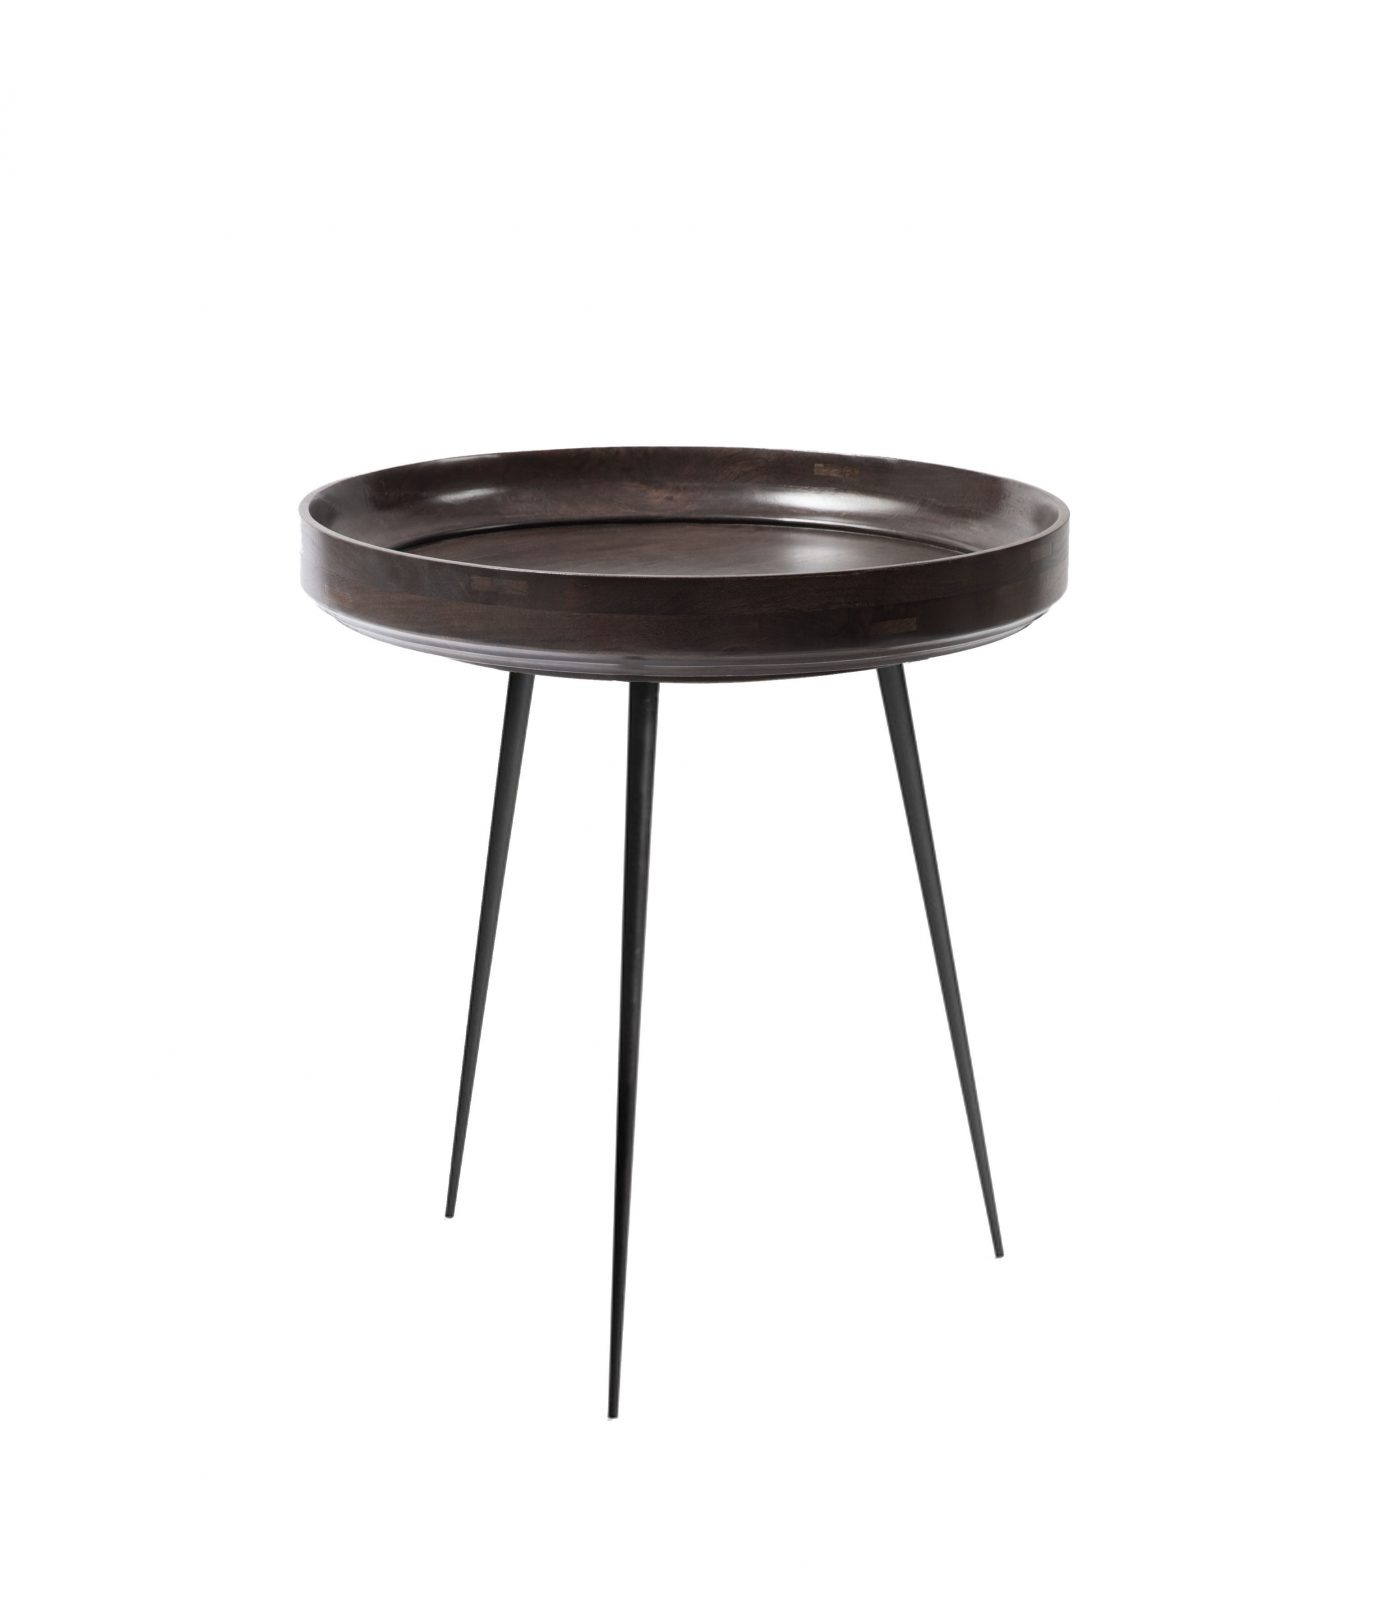 Mater design bowl tisch nordic urban gmbh for Tisch design kreuch gmbh